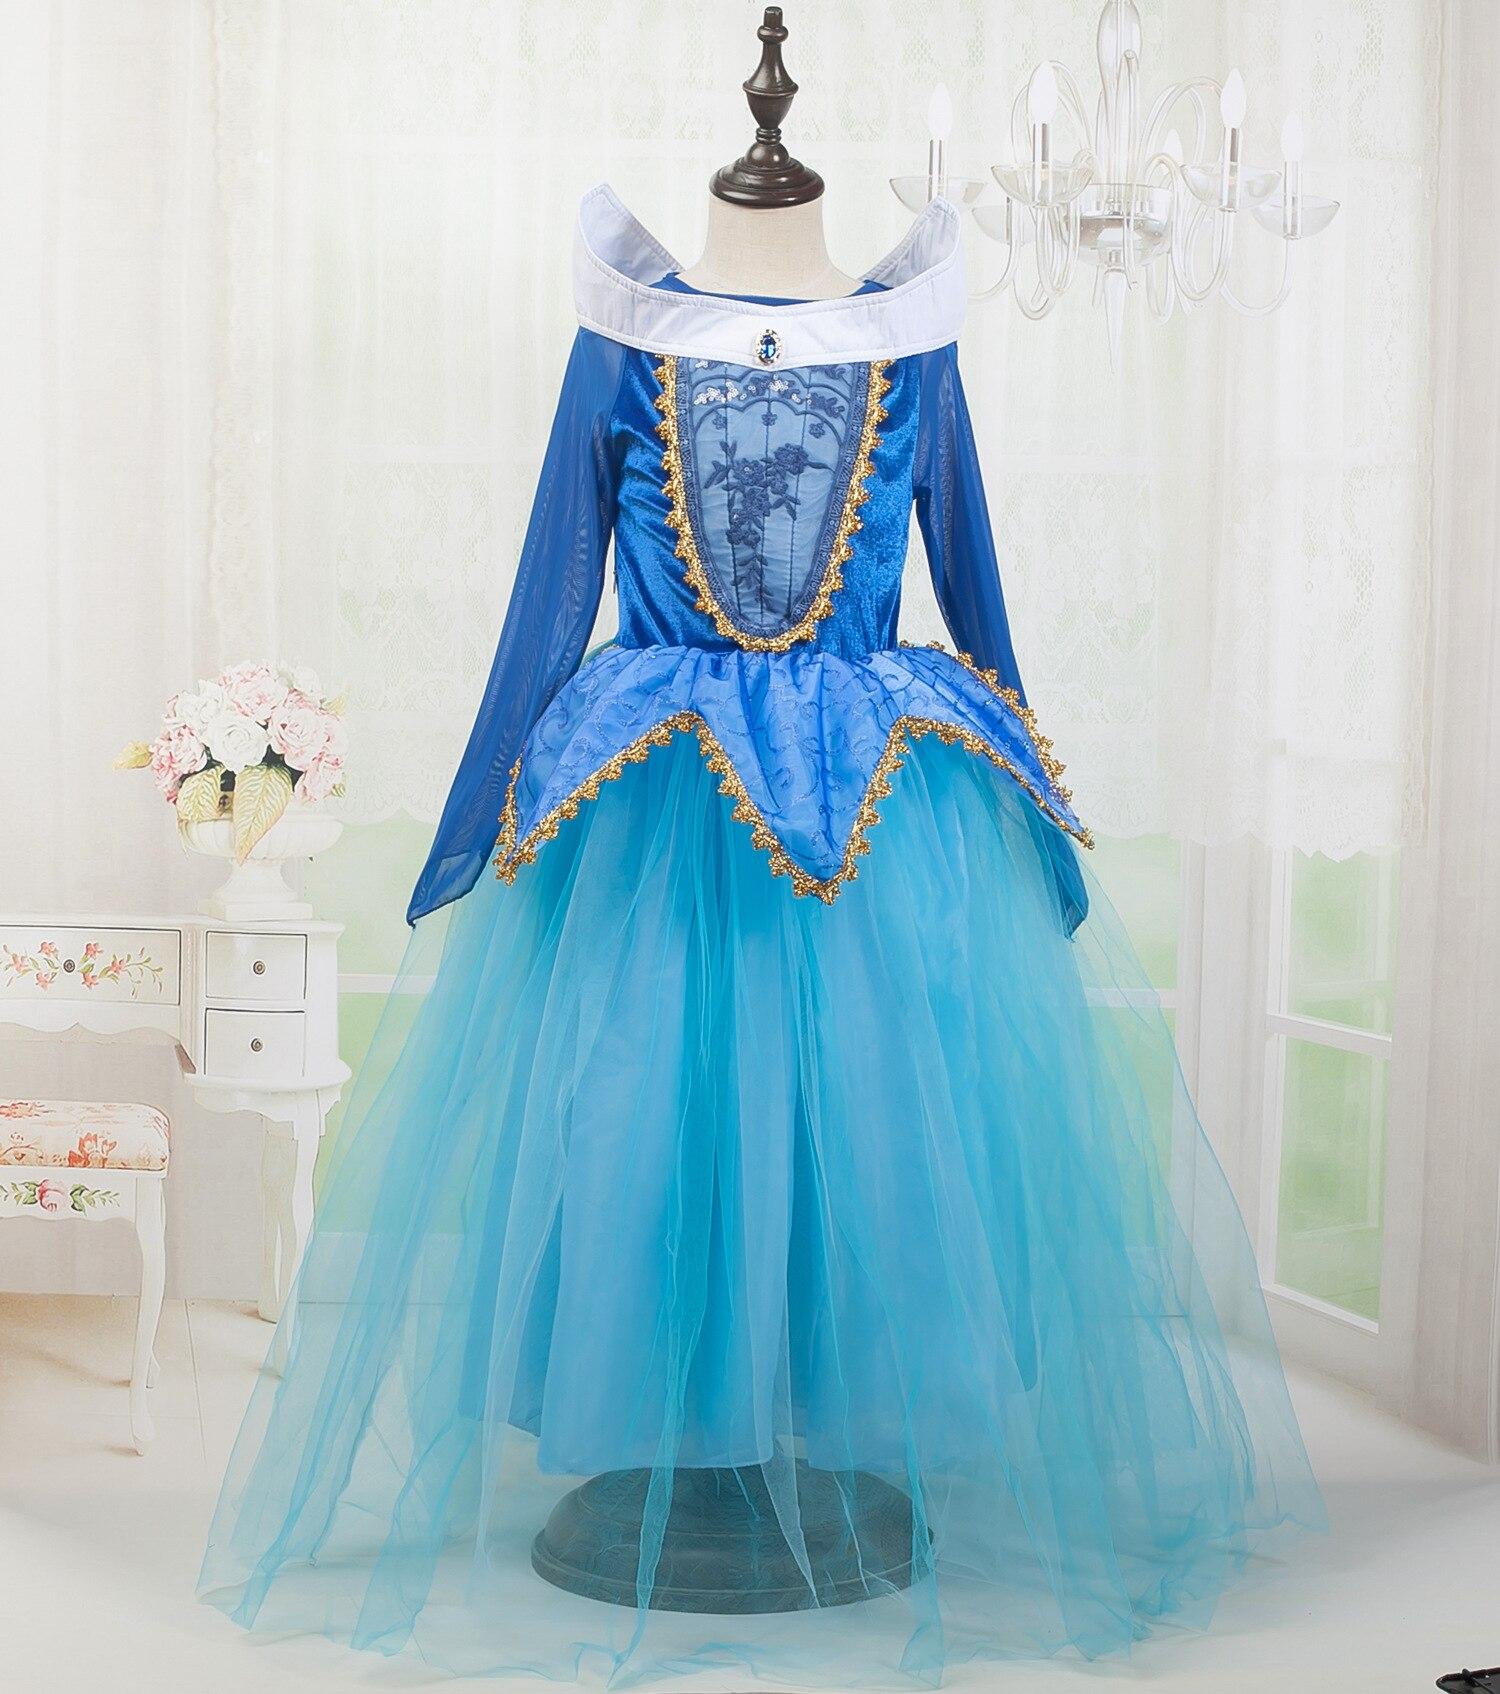 Ausgezeichnet Partykleider Für 4 Jährigen Fotos - Hochzeit Kleid ...